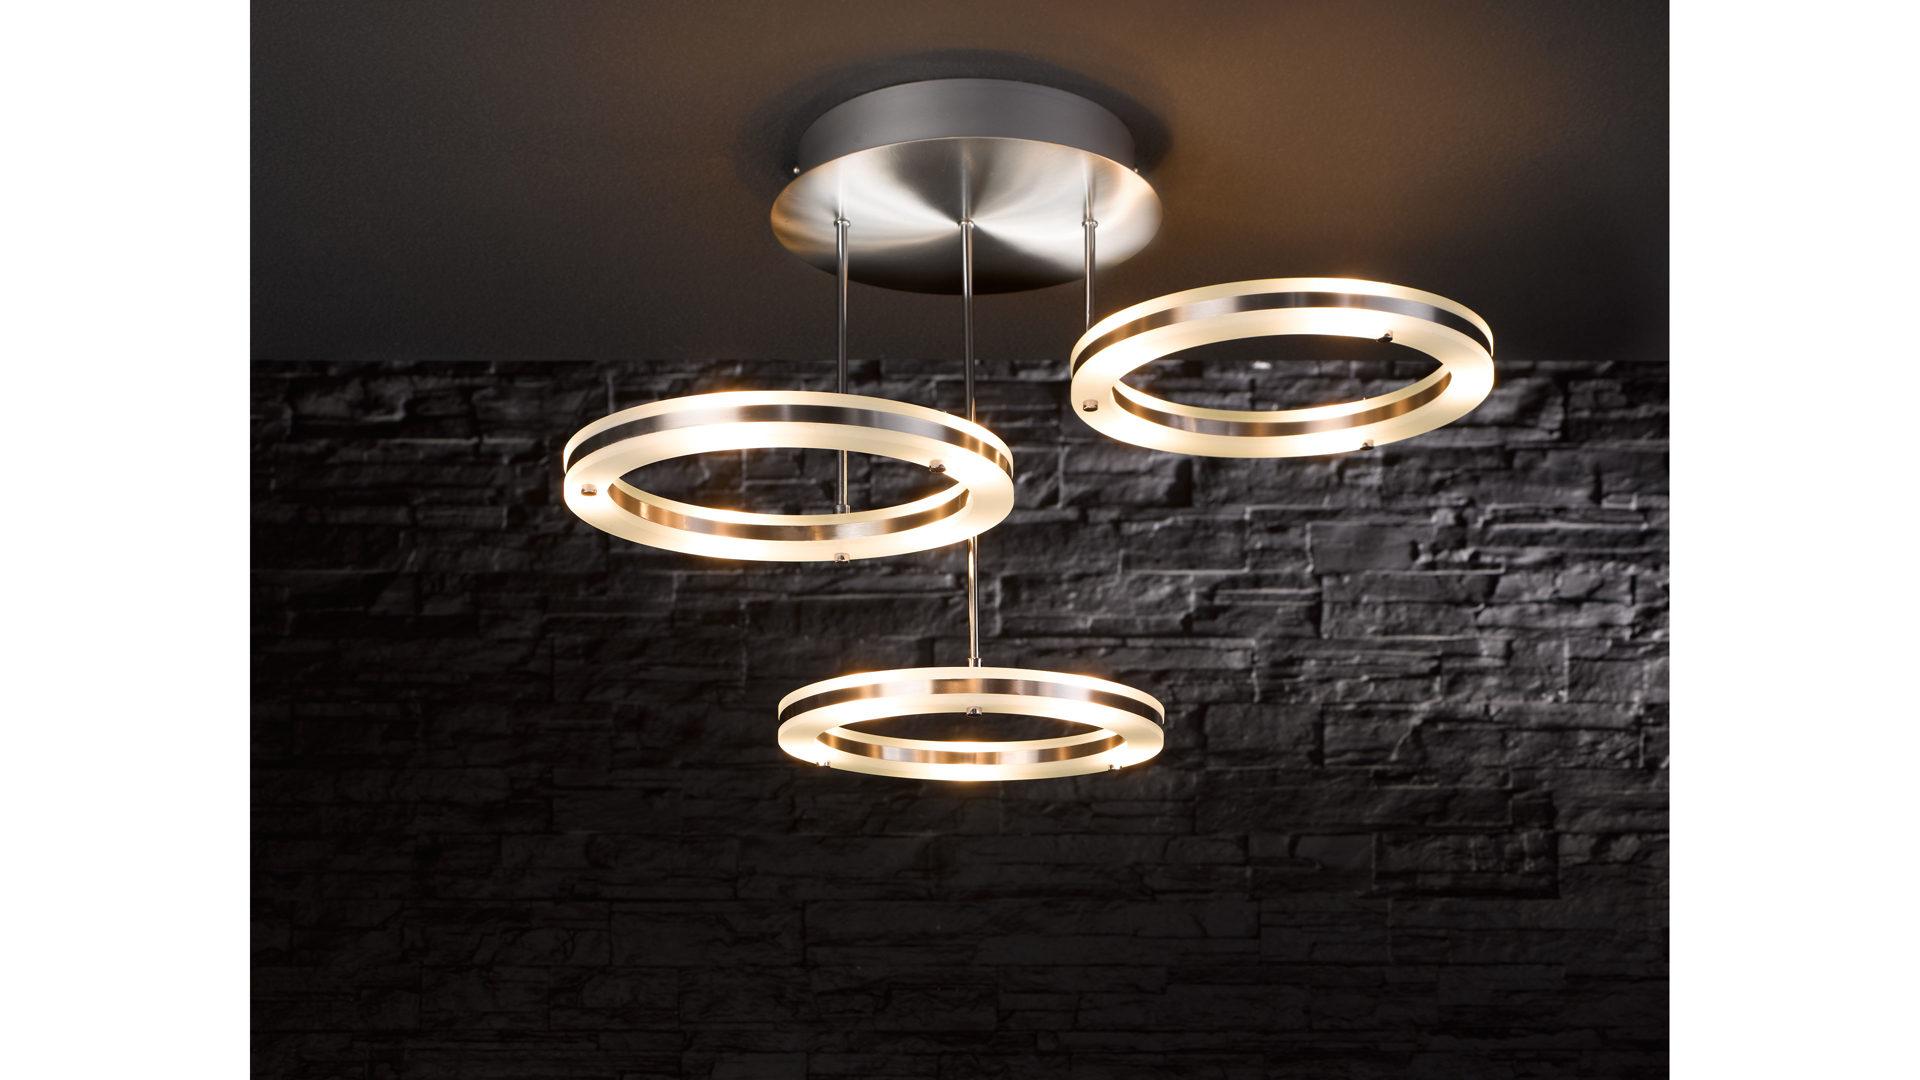 Einrichtungspartner Ring | Räume | Wohnzimmer | Lampen + Leuchten ...